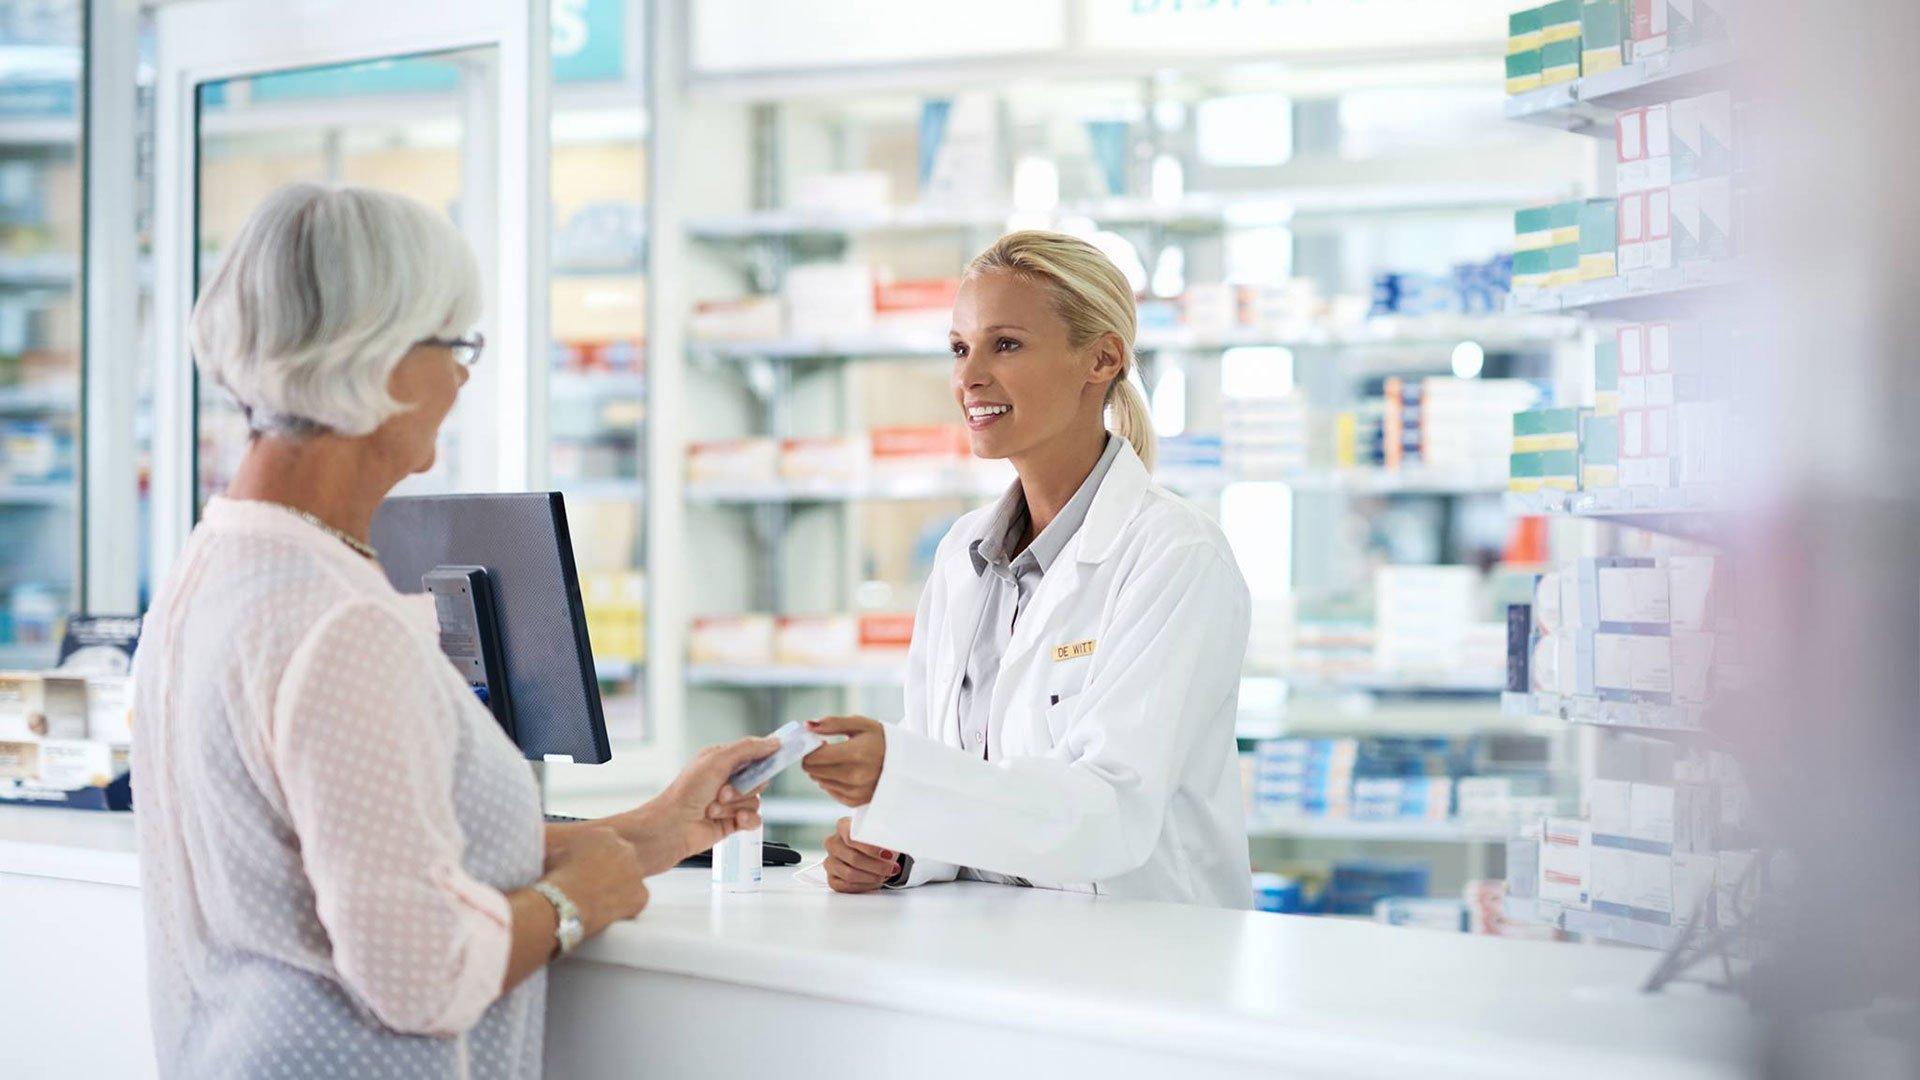 Использование онлайн кассы в аптеке